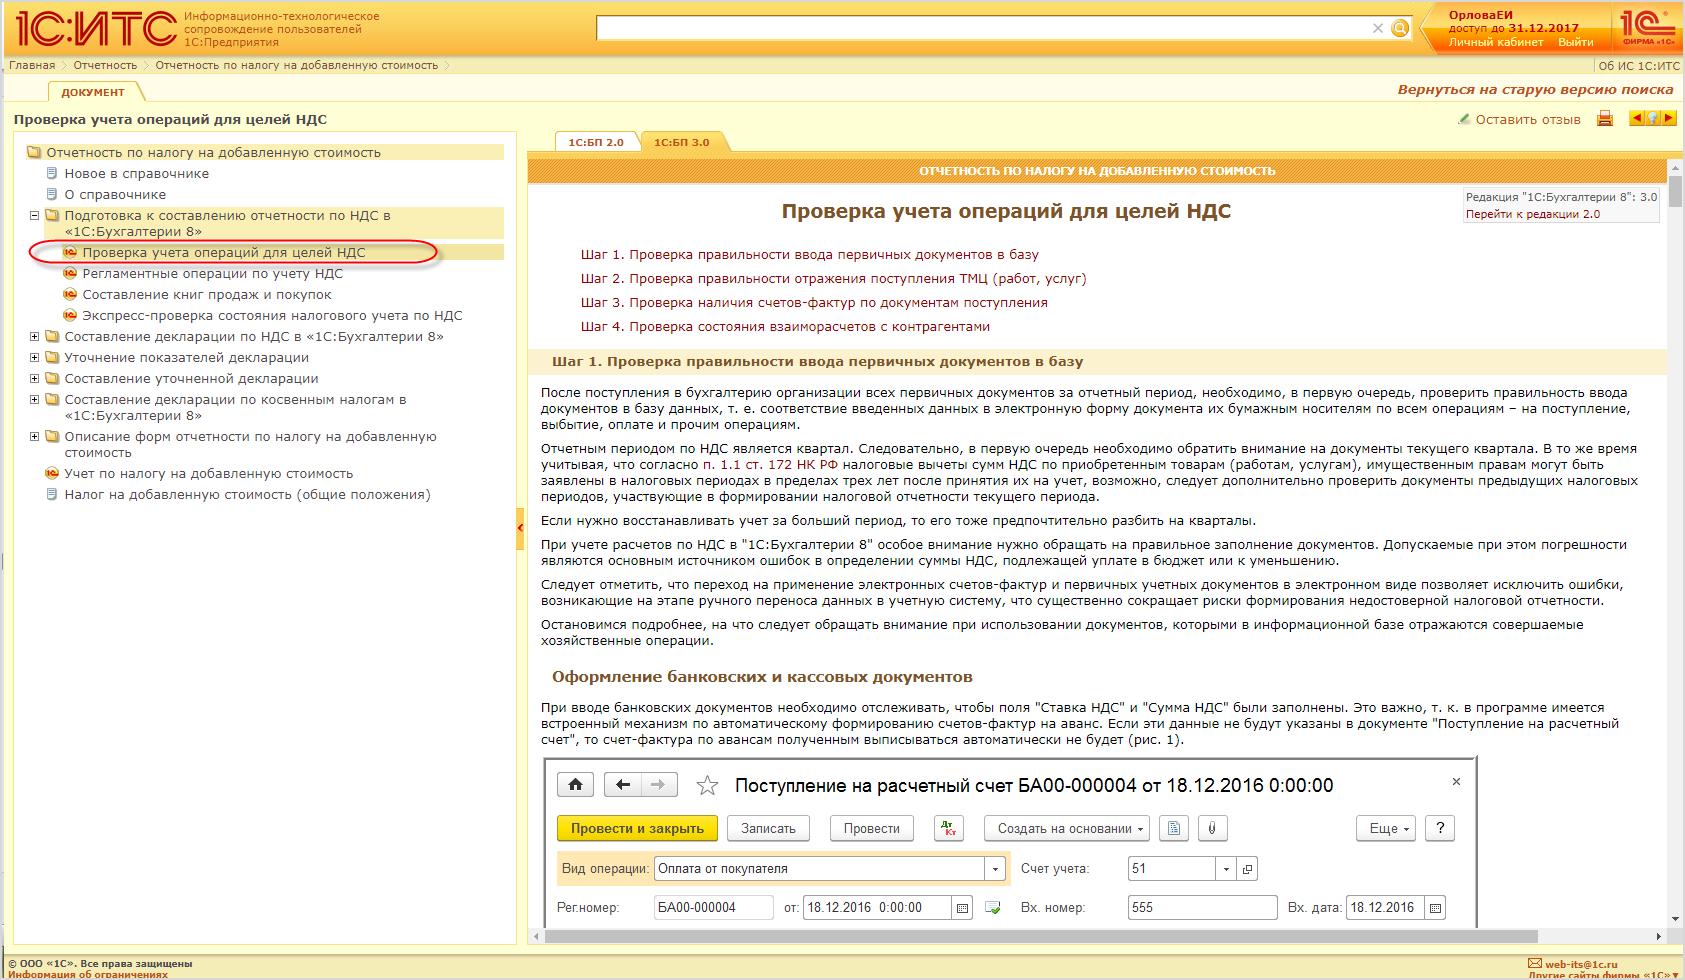 Каким пользователям не нужно рекомендовать сервис 1с линк инструкция по внедрению 1с документооборот